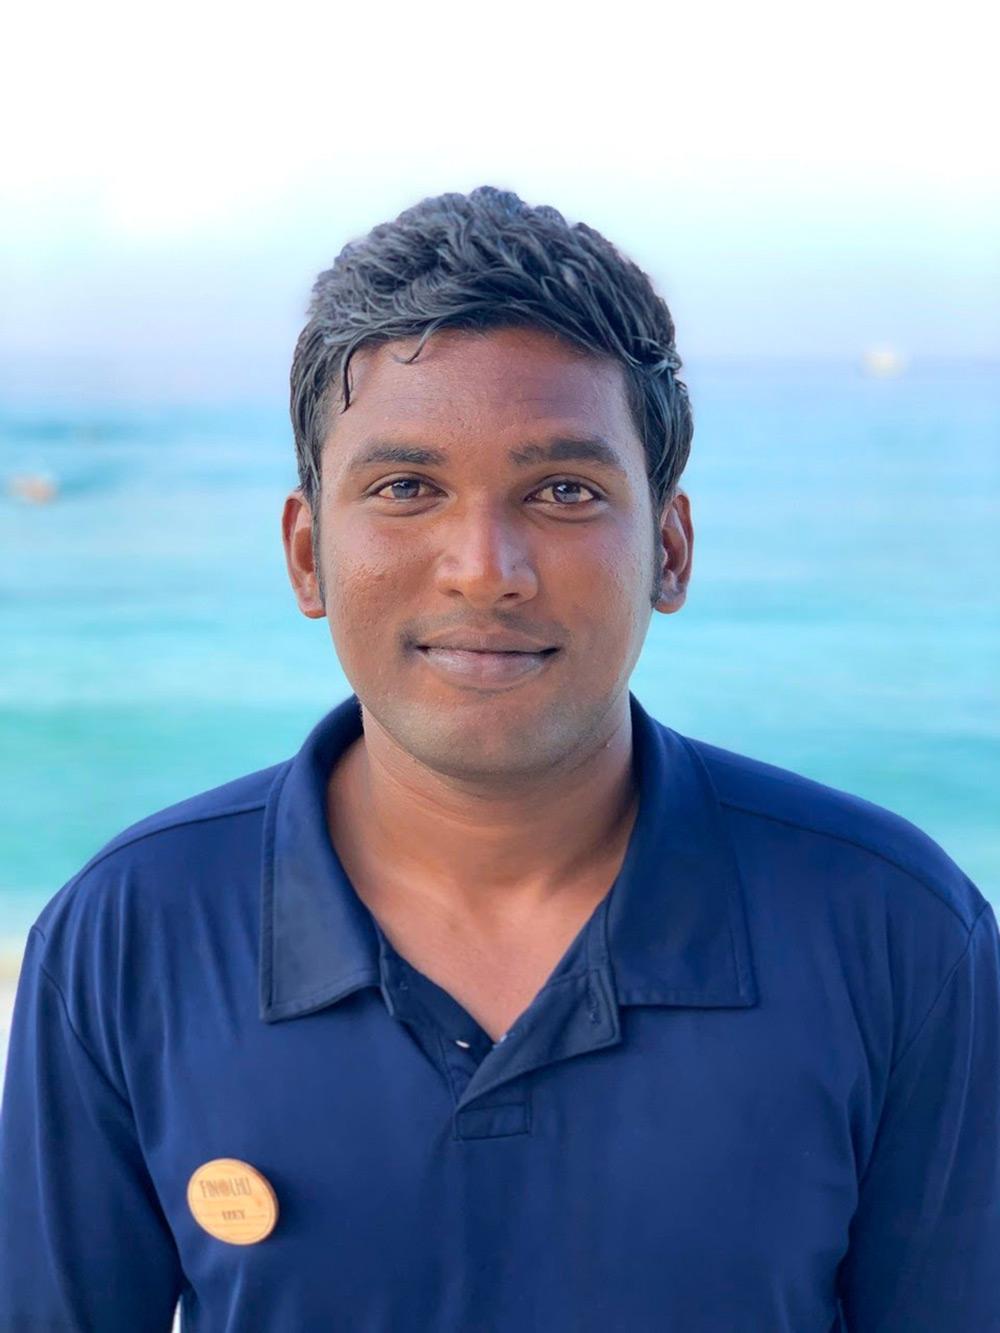 Water Sports Team Finolhu Maldives